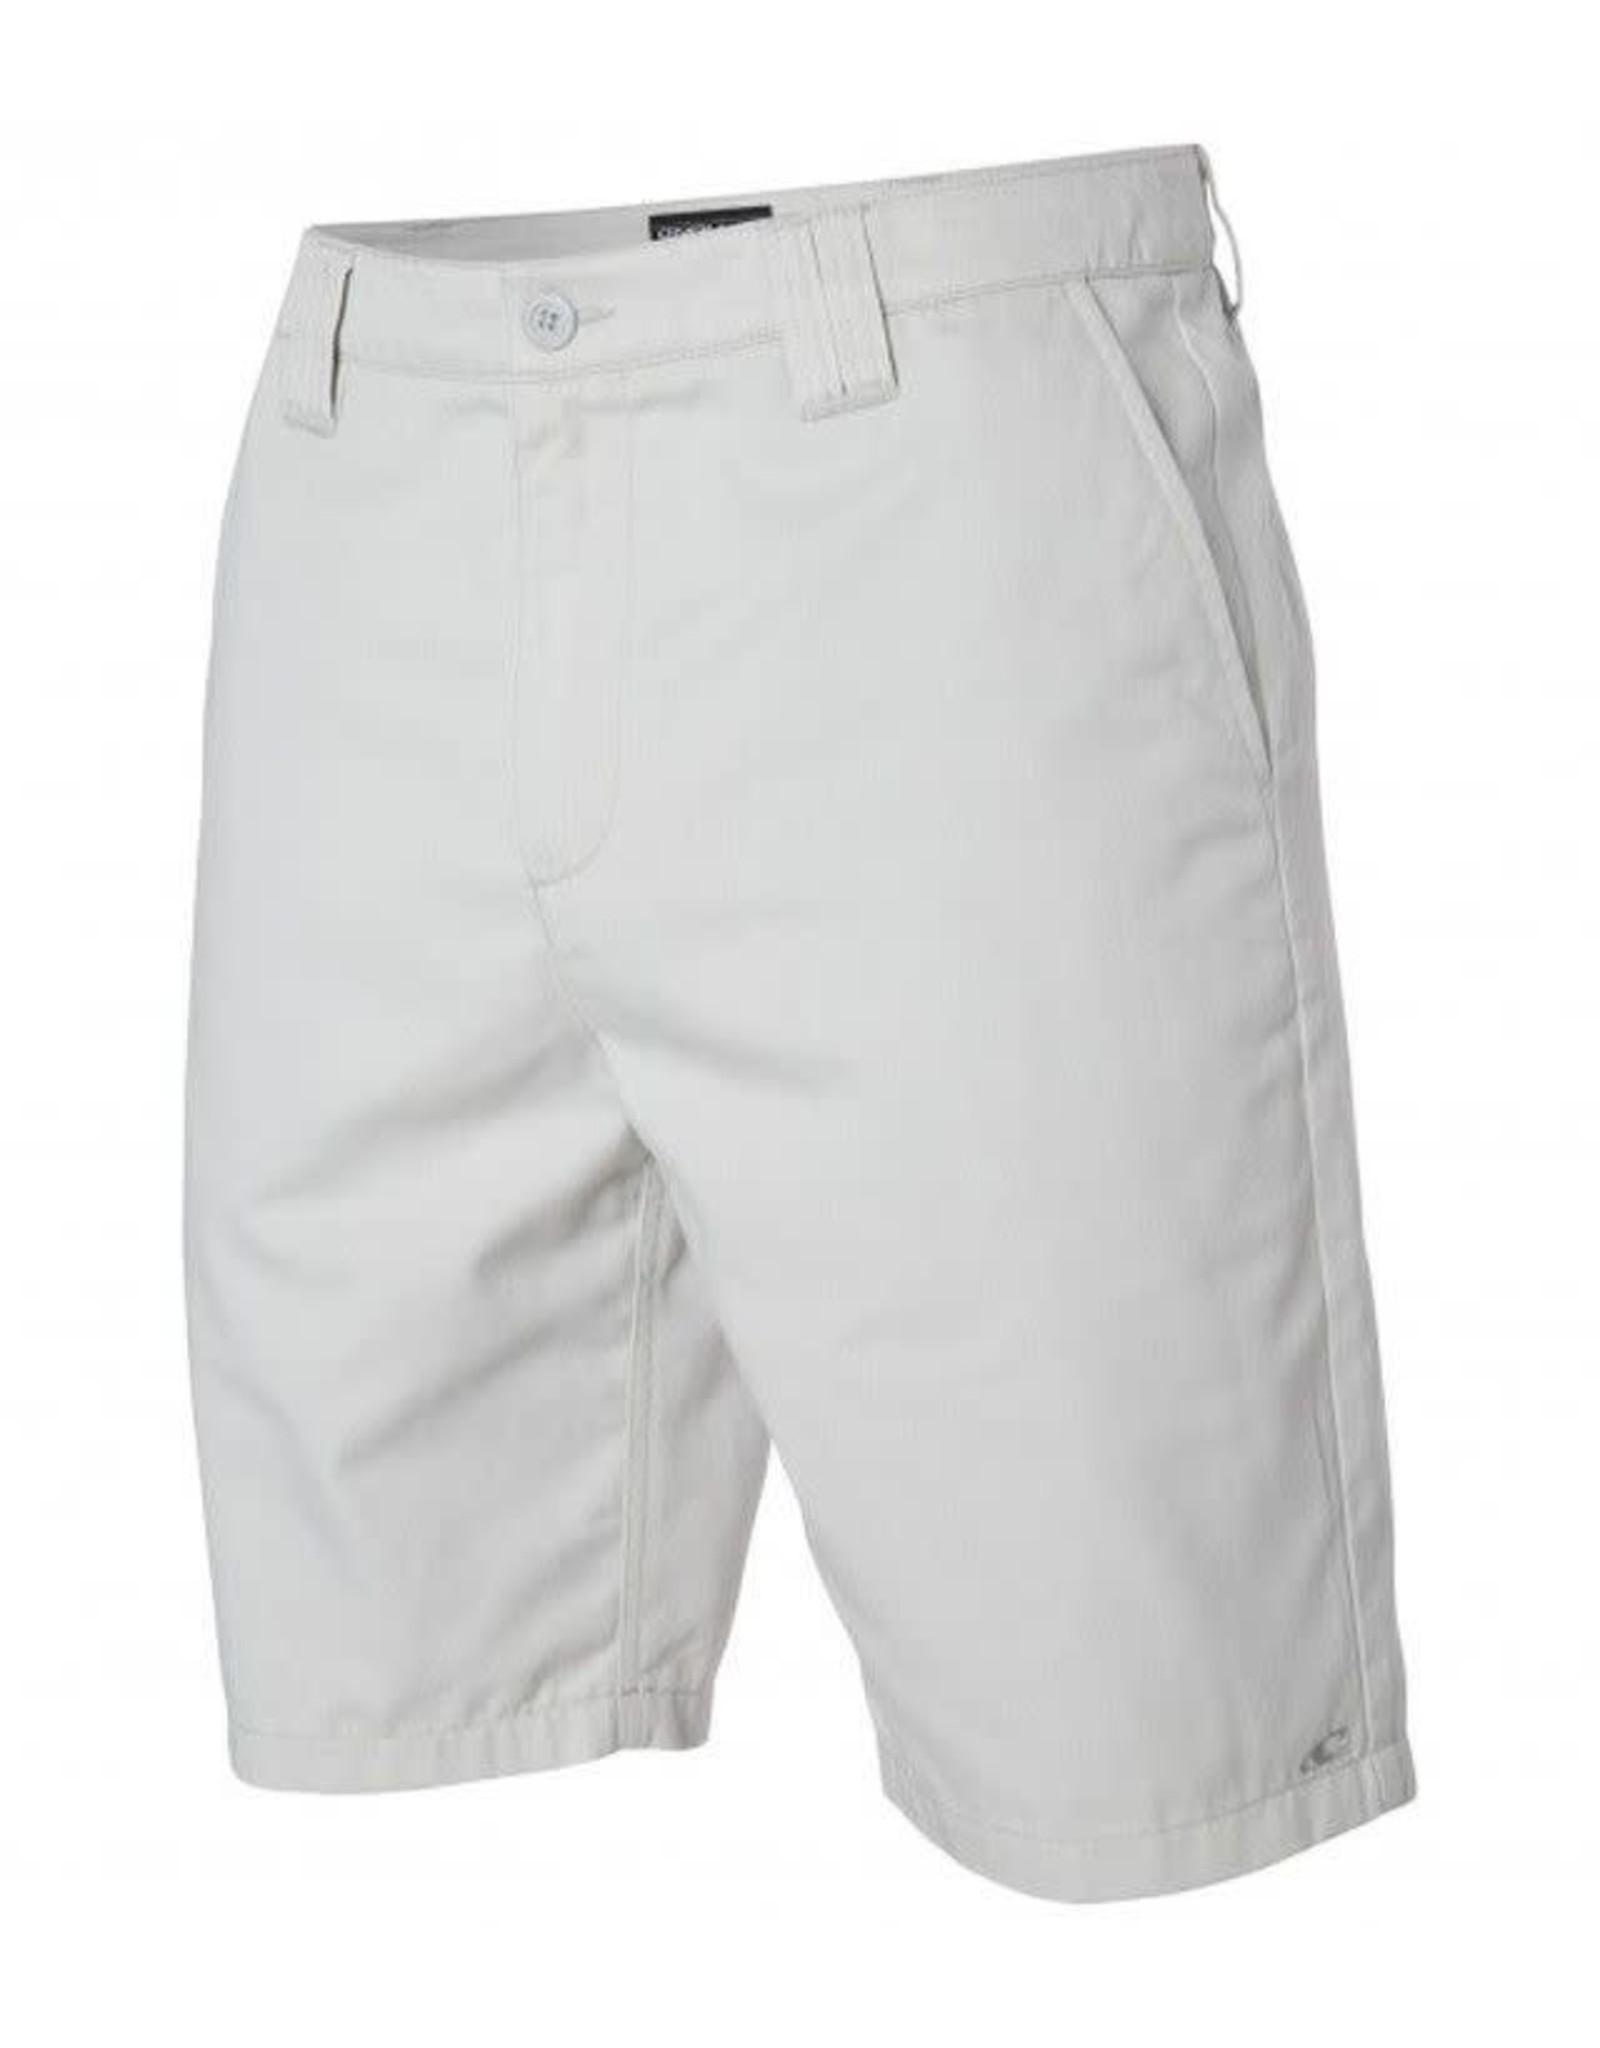 O'Neill Sportswear Contact Stretch Short Fog